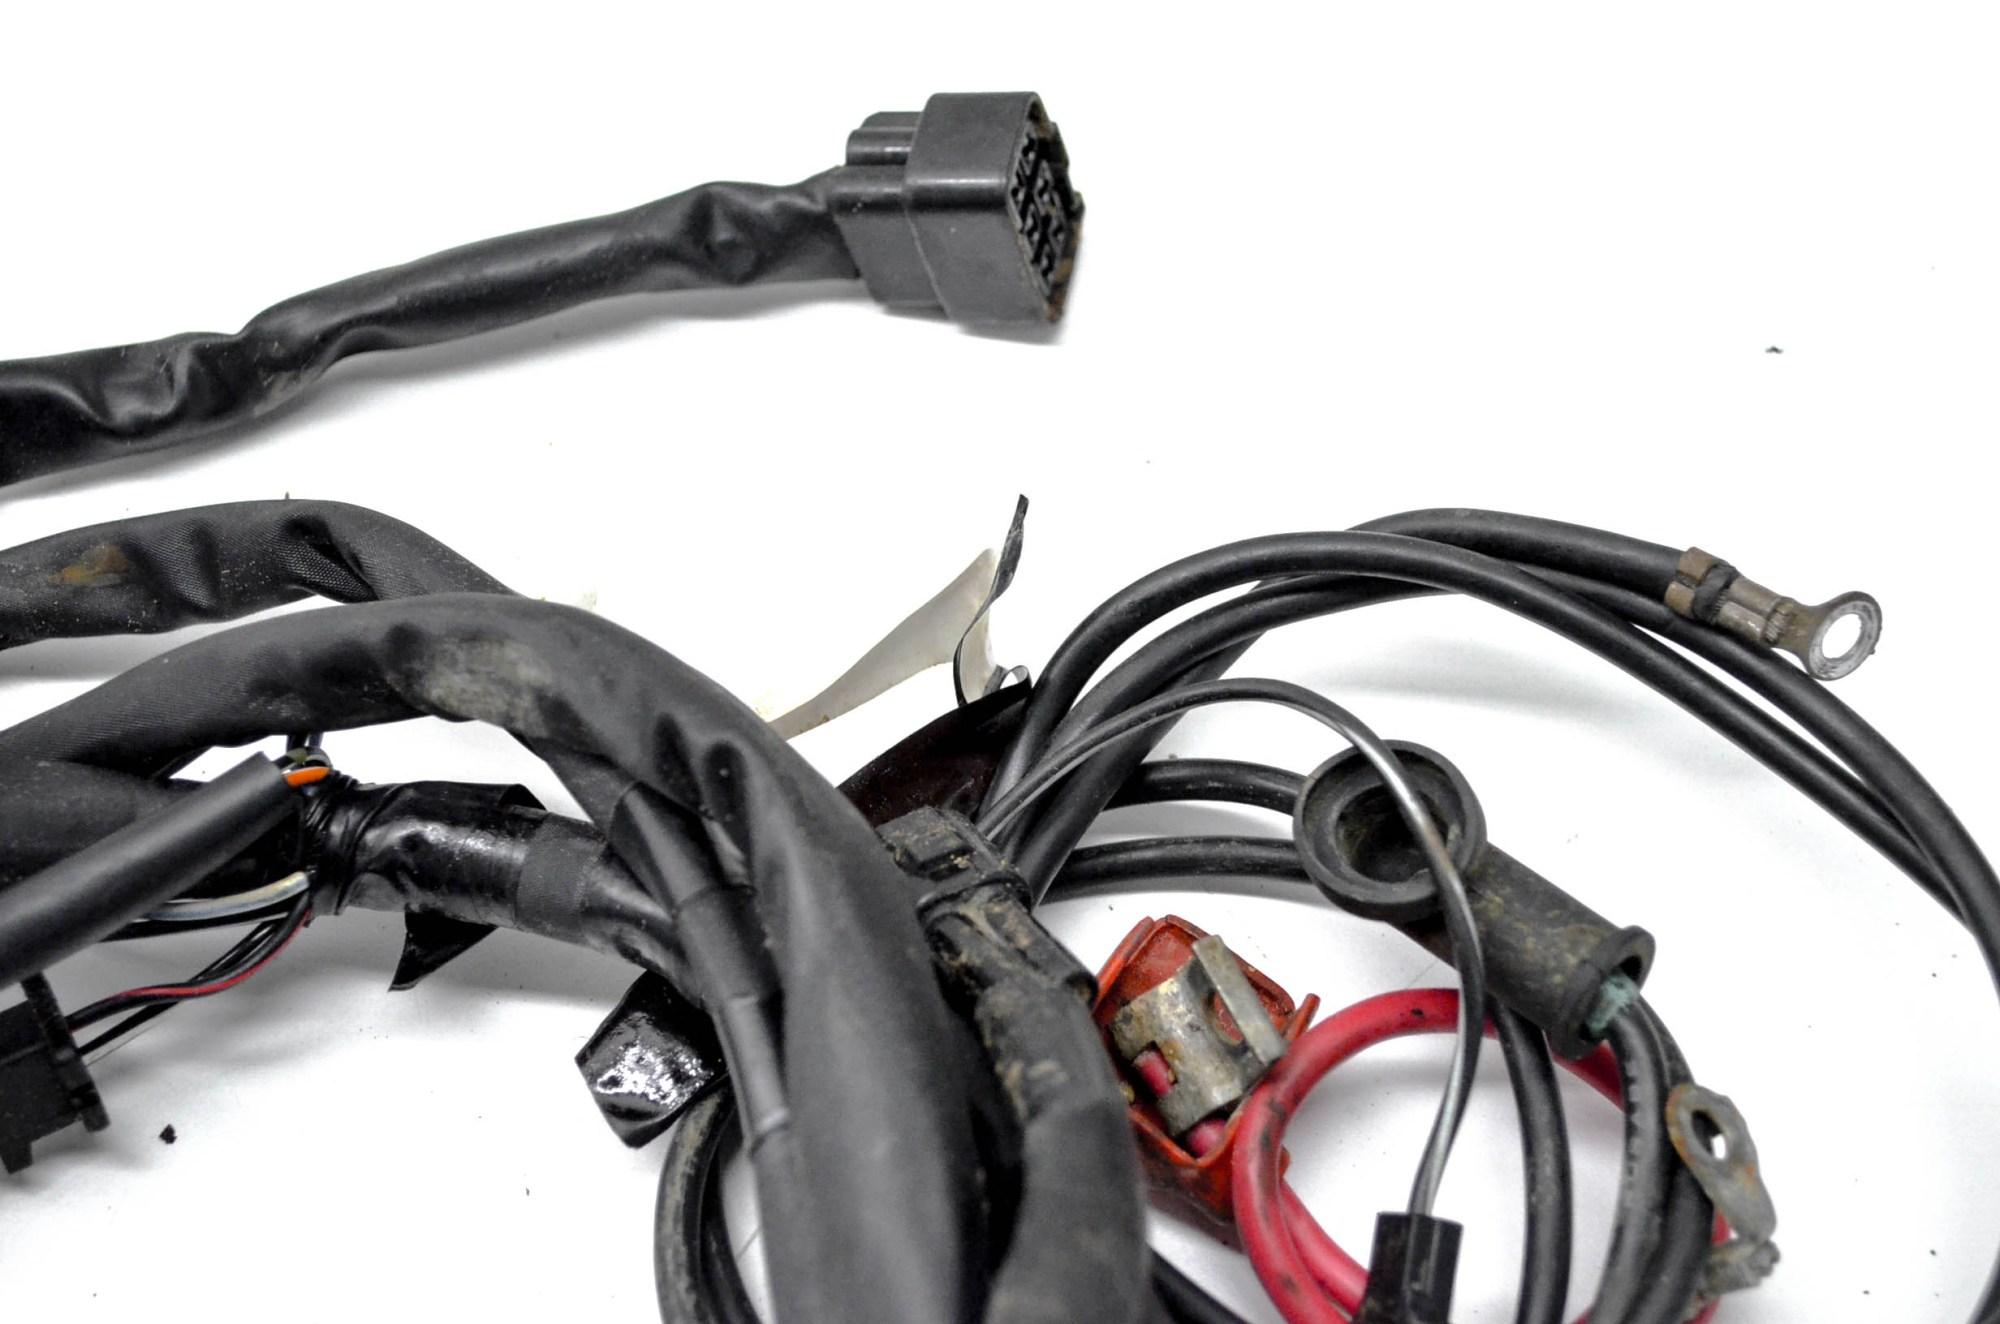 hight resolution of suzuki eiger wiring harness 2x4 suzuki ozark 250 wiring diagramdiagram 02 suzuki eiger 400 2x4